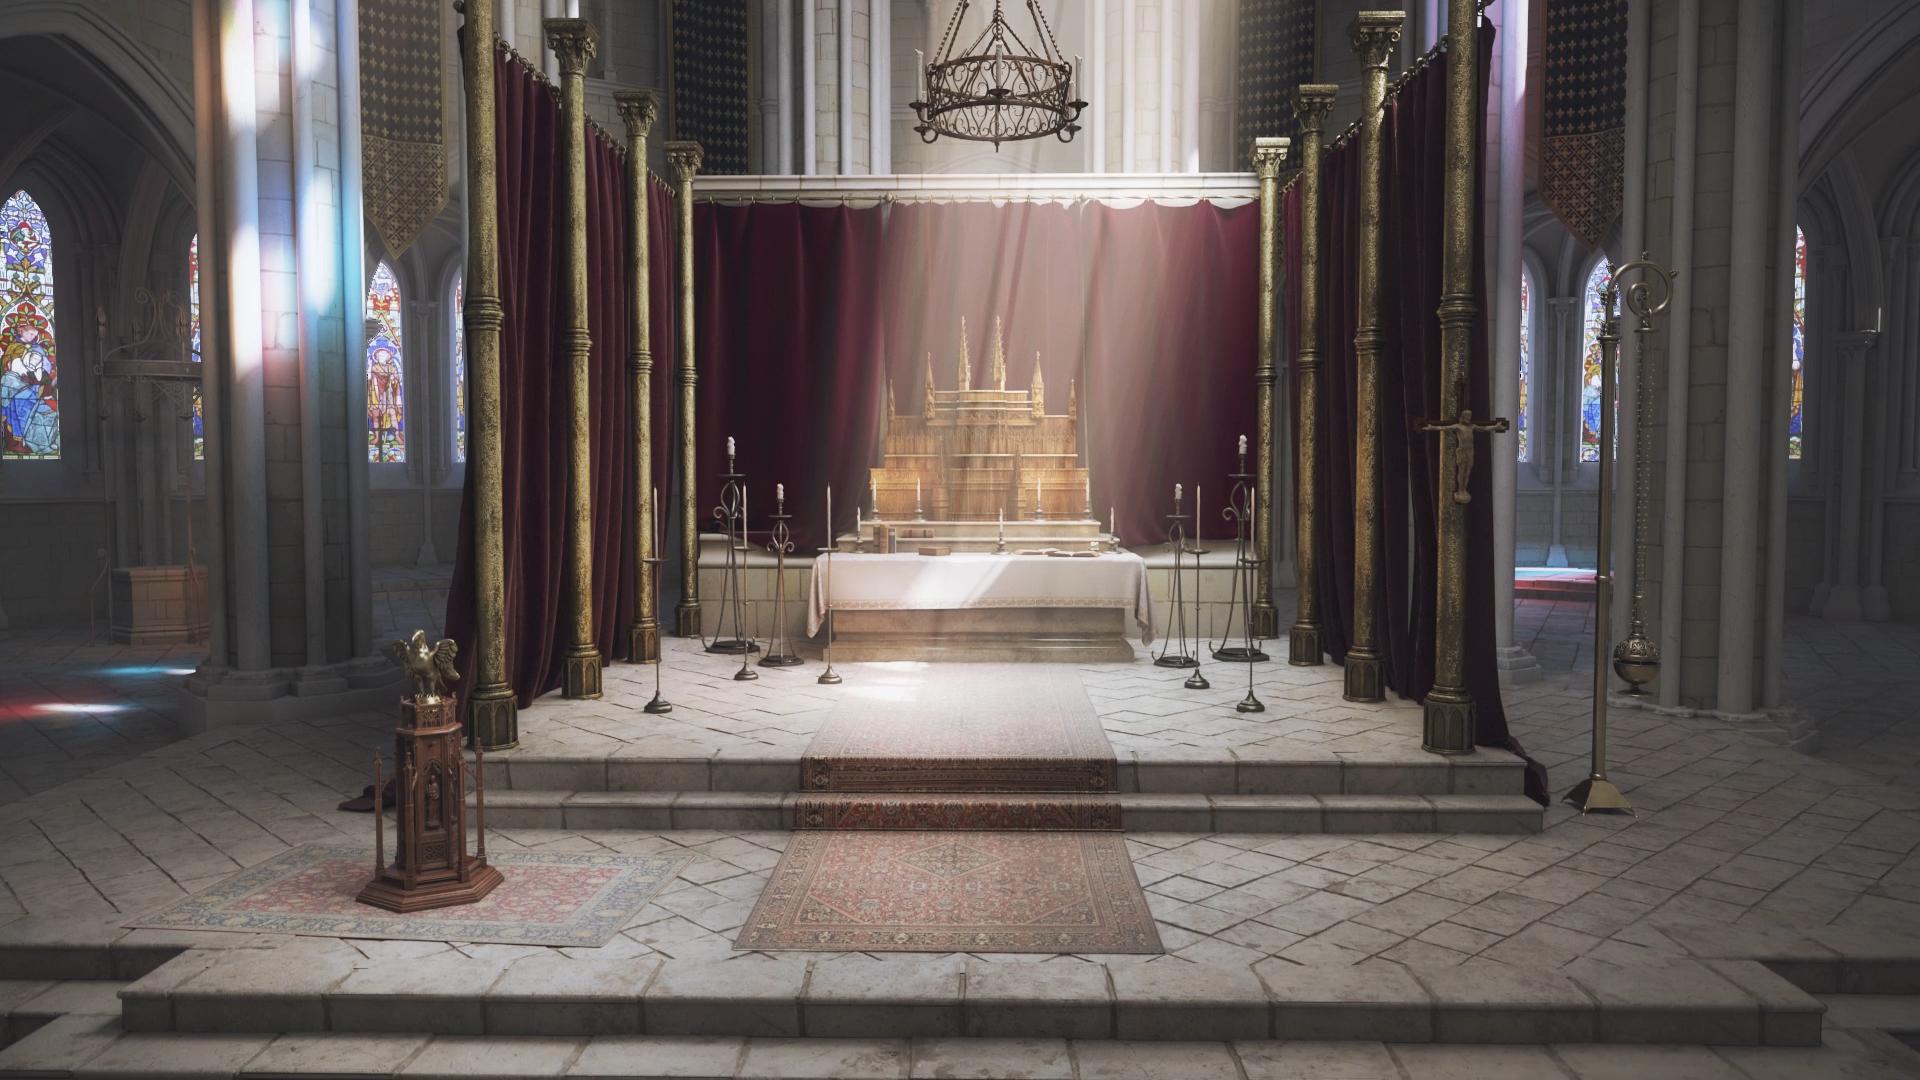 Modélisation et films d'animation 3D cathédrale - Agence Dripmoon